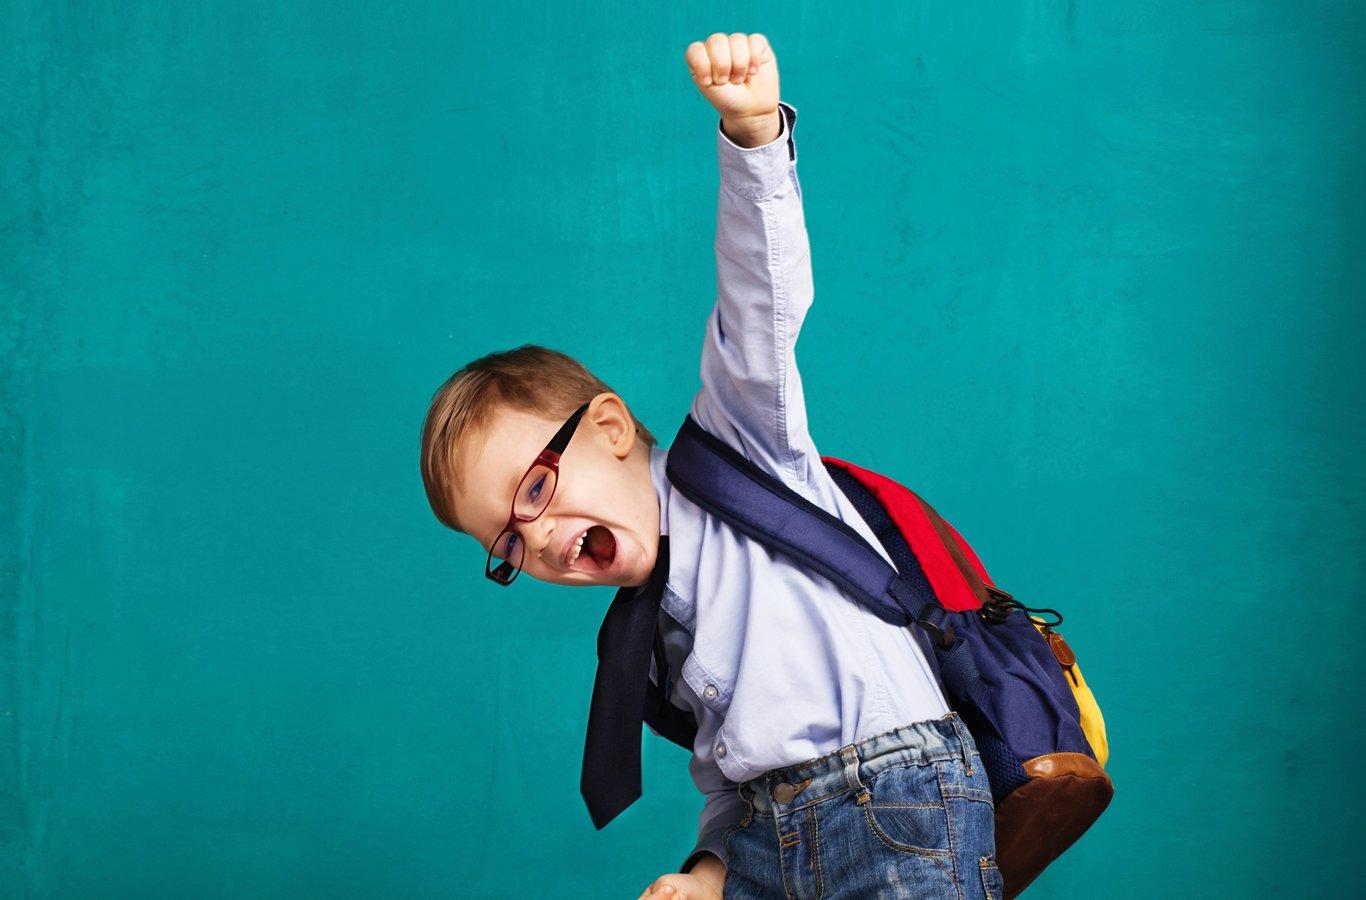 niño feliz de regresas a clases